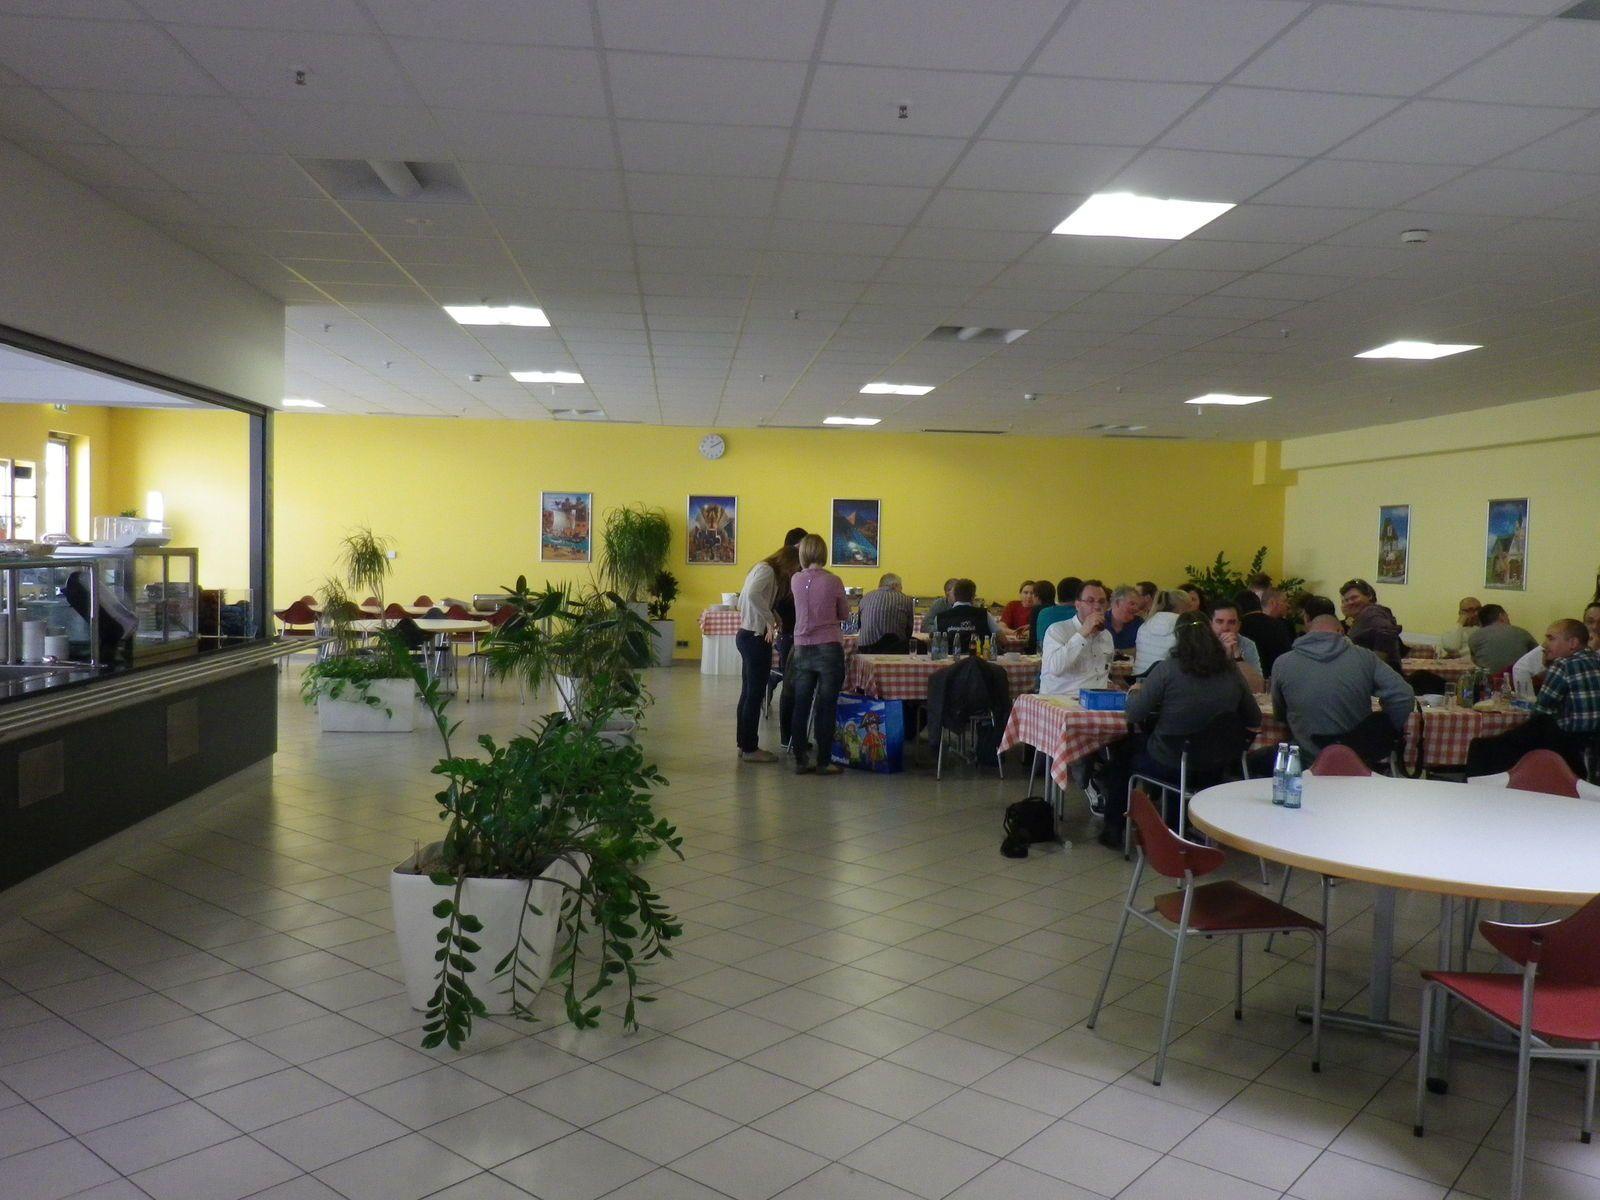 après 3 heures de visite, un bon déjeuner nous attendait à la cantine de l'usine. Où Mr Robert BENKER, le directeur du site nous a rejoint afin de partager ce moment avec nous. Nous le remerçions pour son chaleureux accueil!